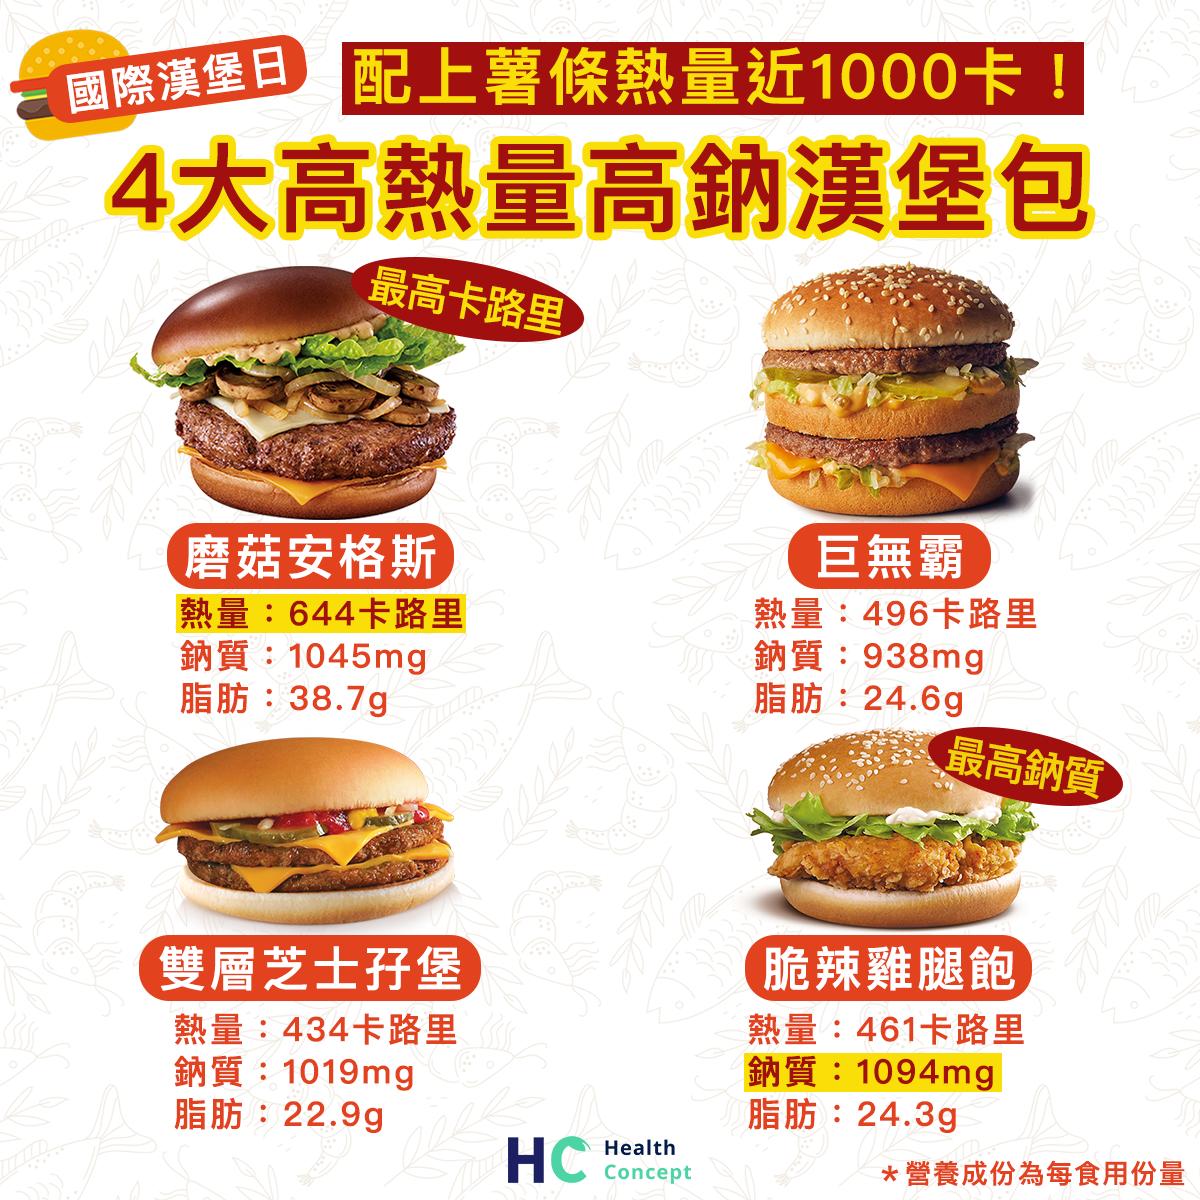 【#營養食品】配上薯條熱量近1000卡! 4大麥當勞高熱量高鈉漢堡包